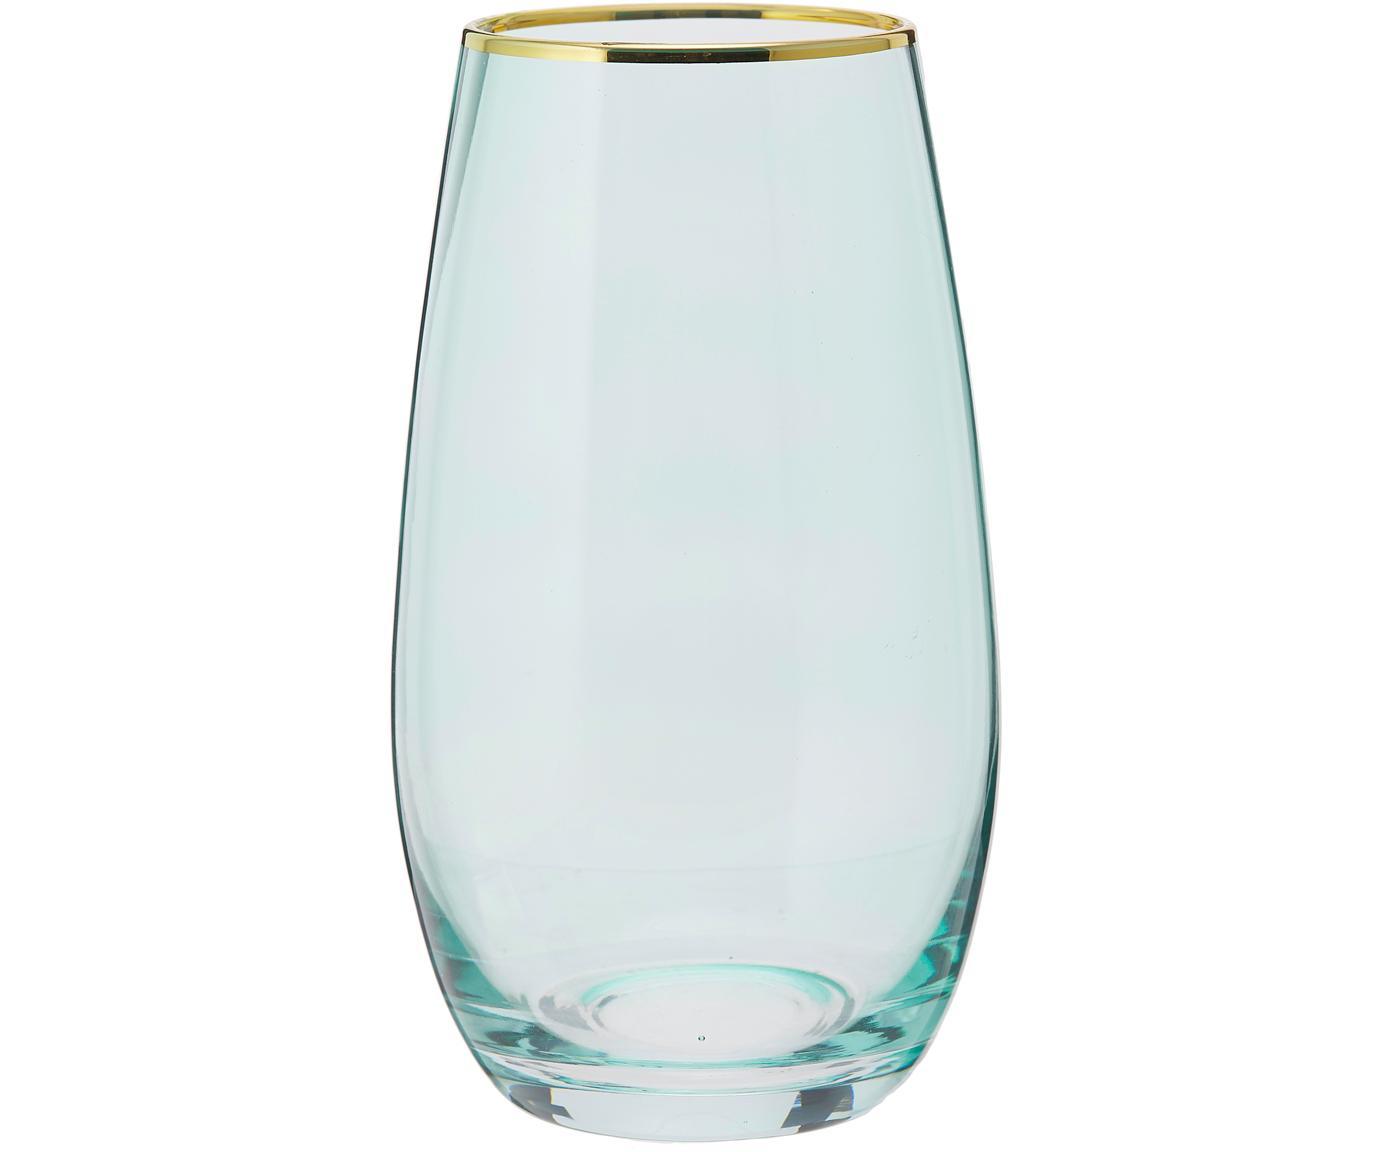 Bicchiere acqua con bordo dorato Chloe 4 pz, Vetro, Azzurro, Ø 9 x Alt. 16 cm